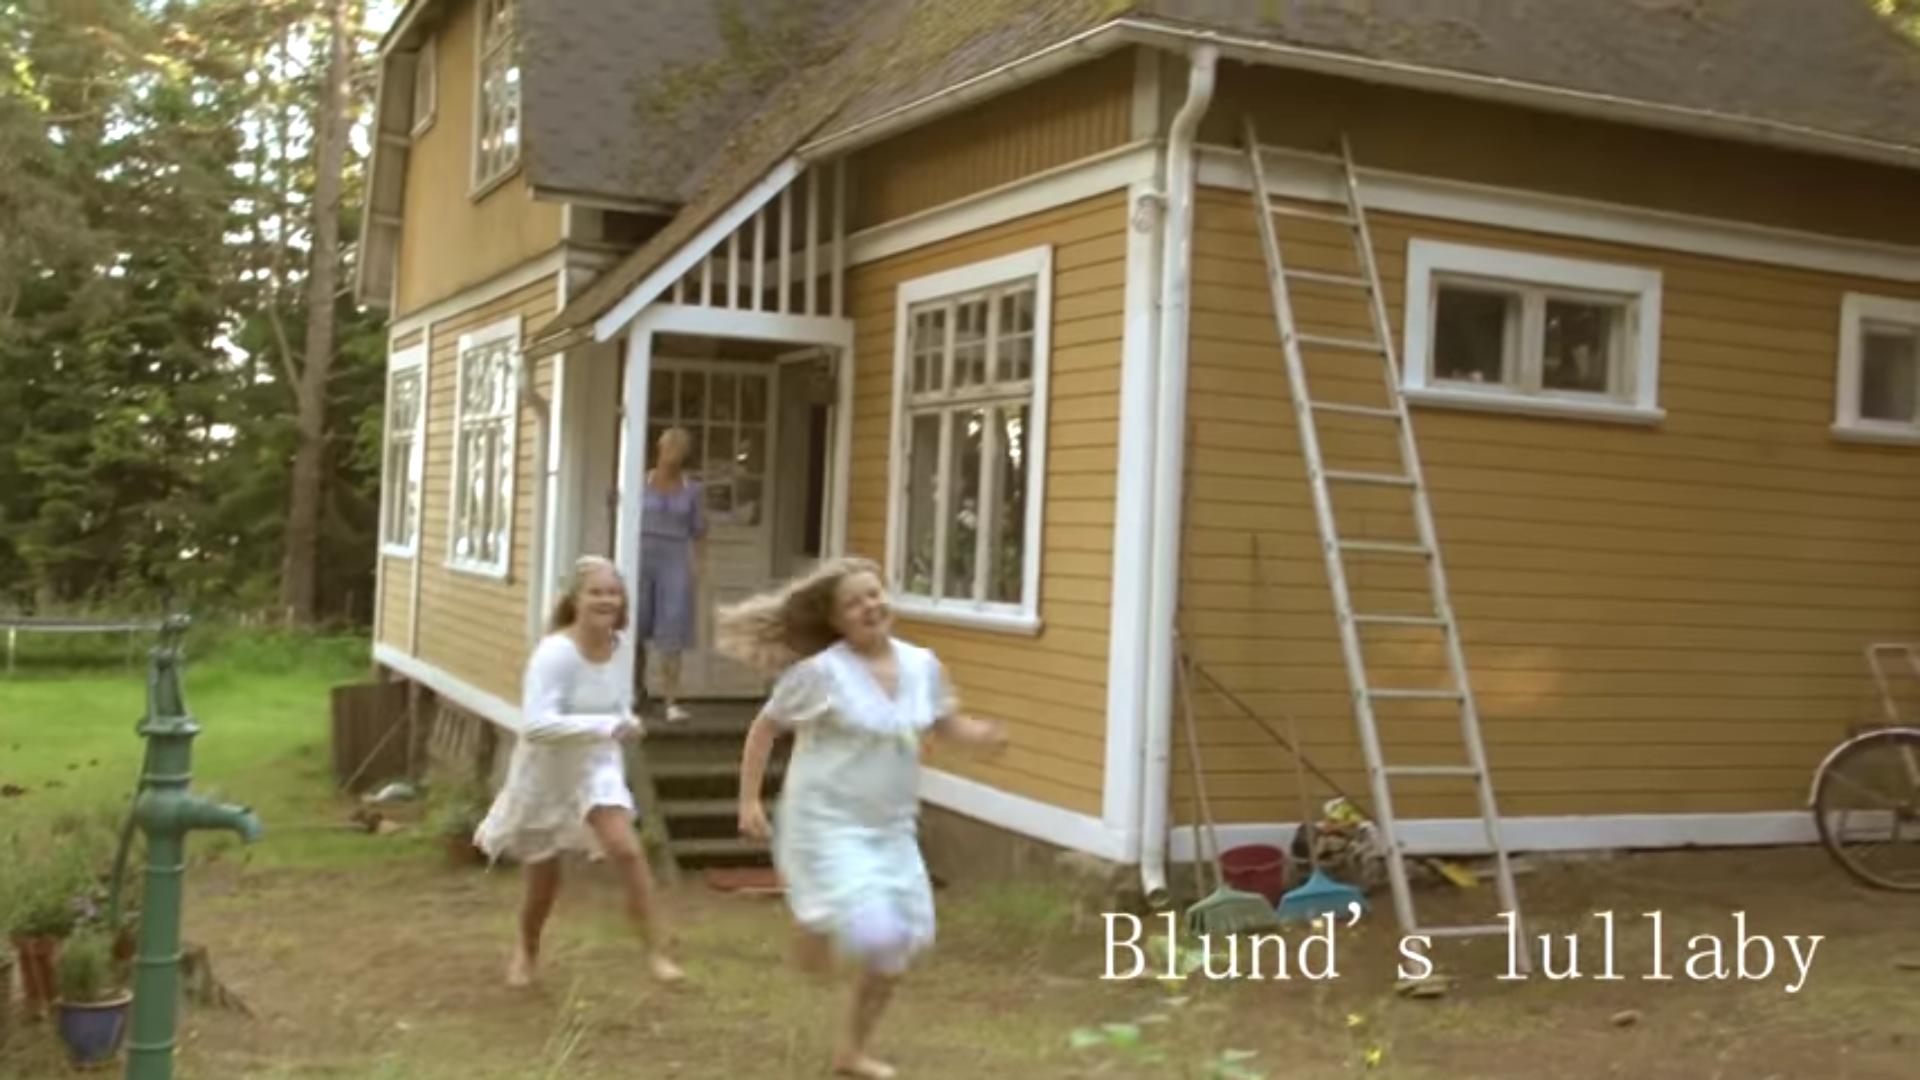 Blund's Lullaby (2017)